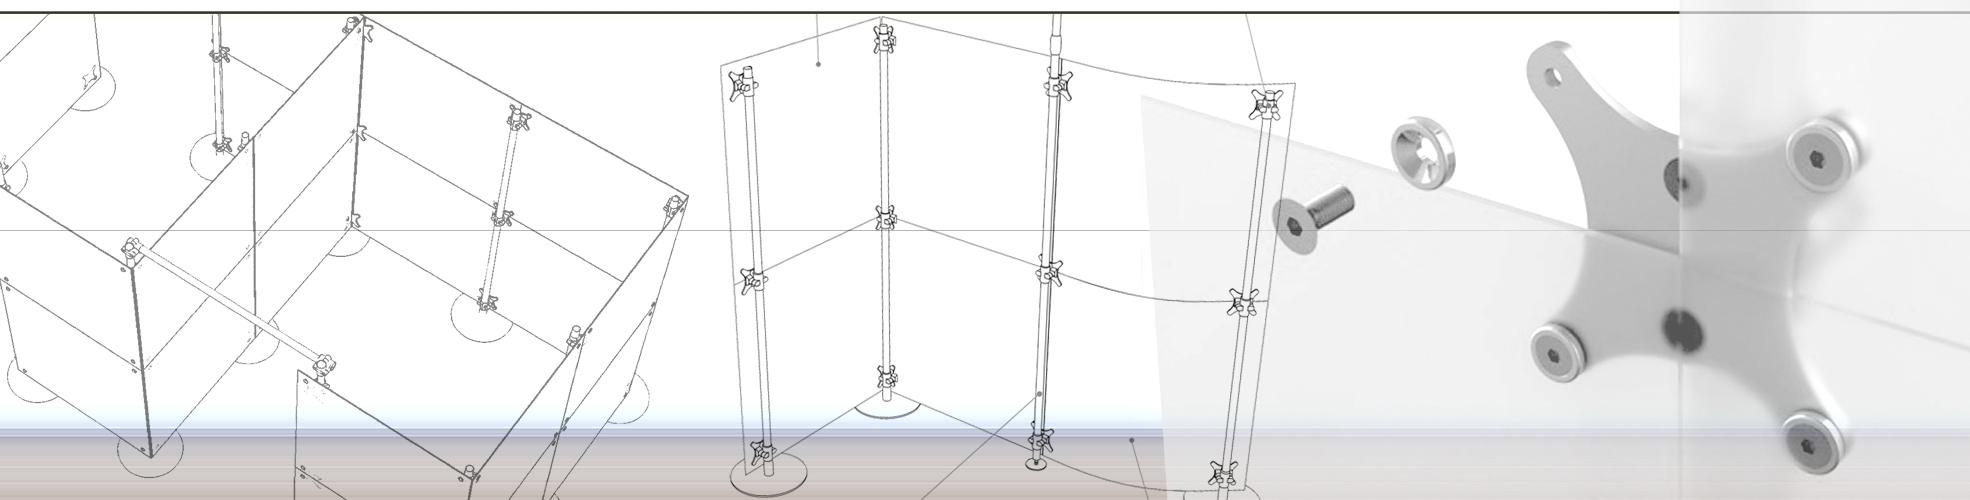 configurazione pareti divisorie